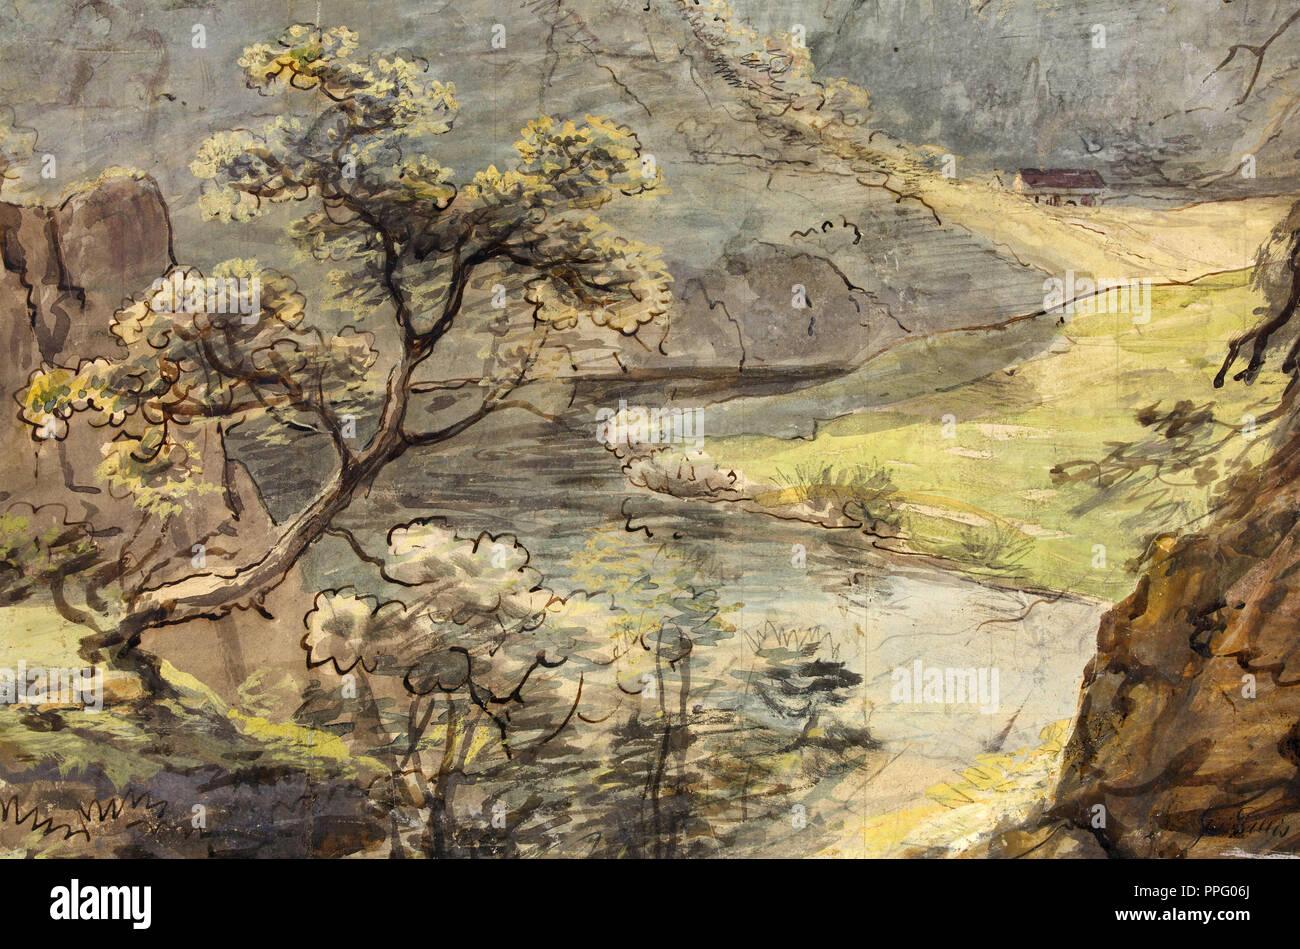 Johann Georg von Dillis - paesaggio fluviale. Circa 1820. Acquarello e tempera su grafite. Il J. Paul Getty Museum di Los Angeles, Stati Uniti d'America. Immagini Stock